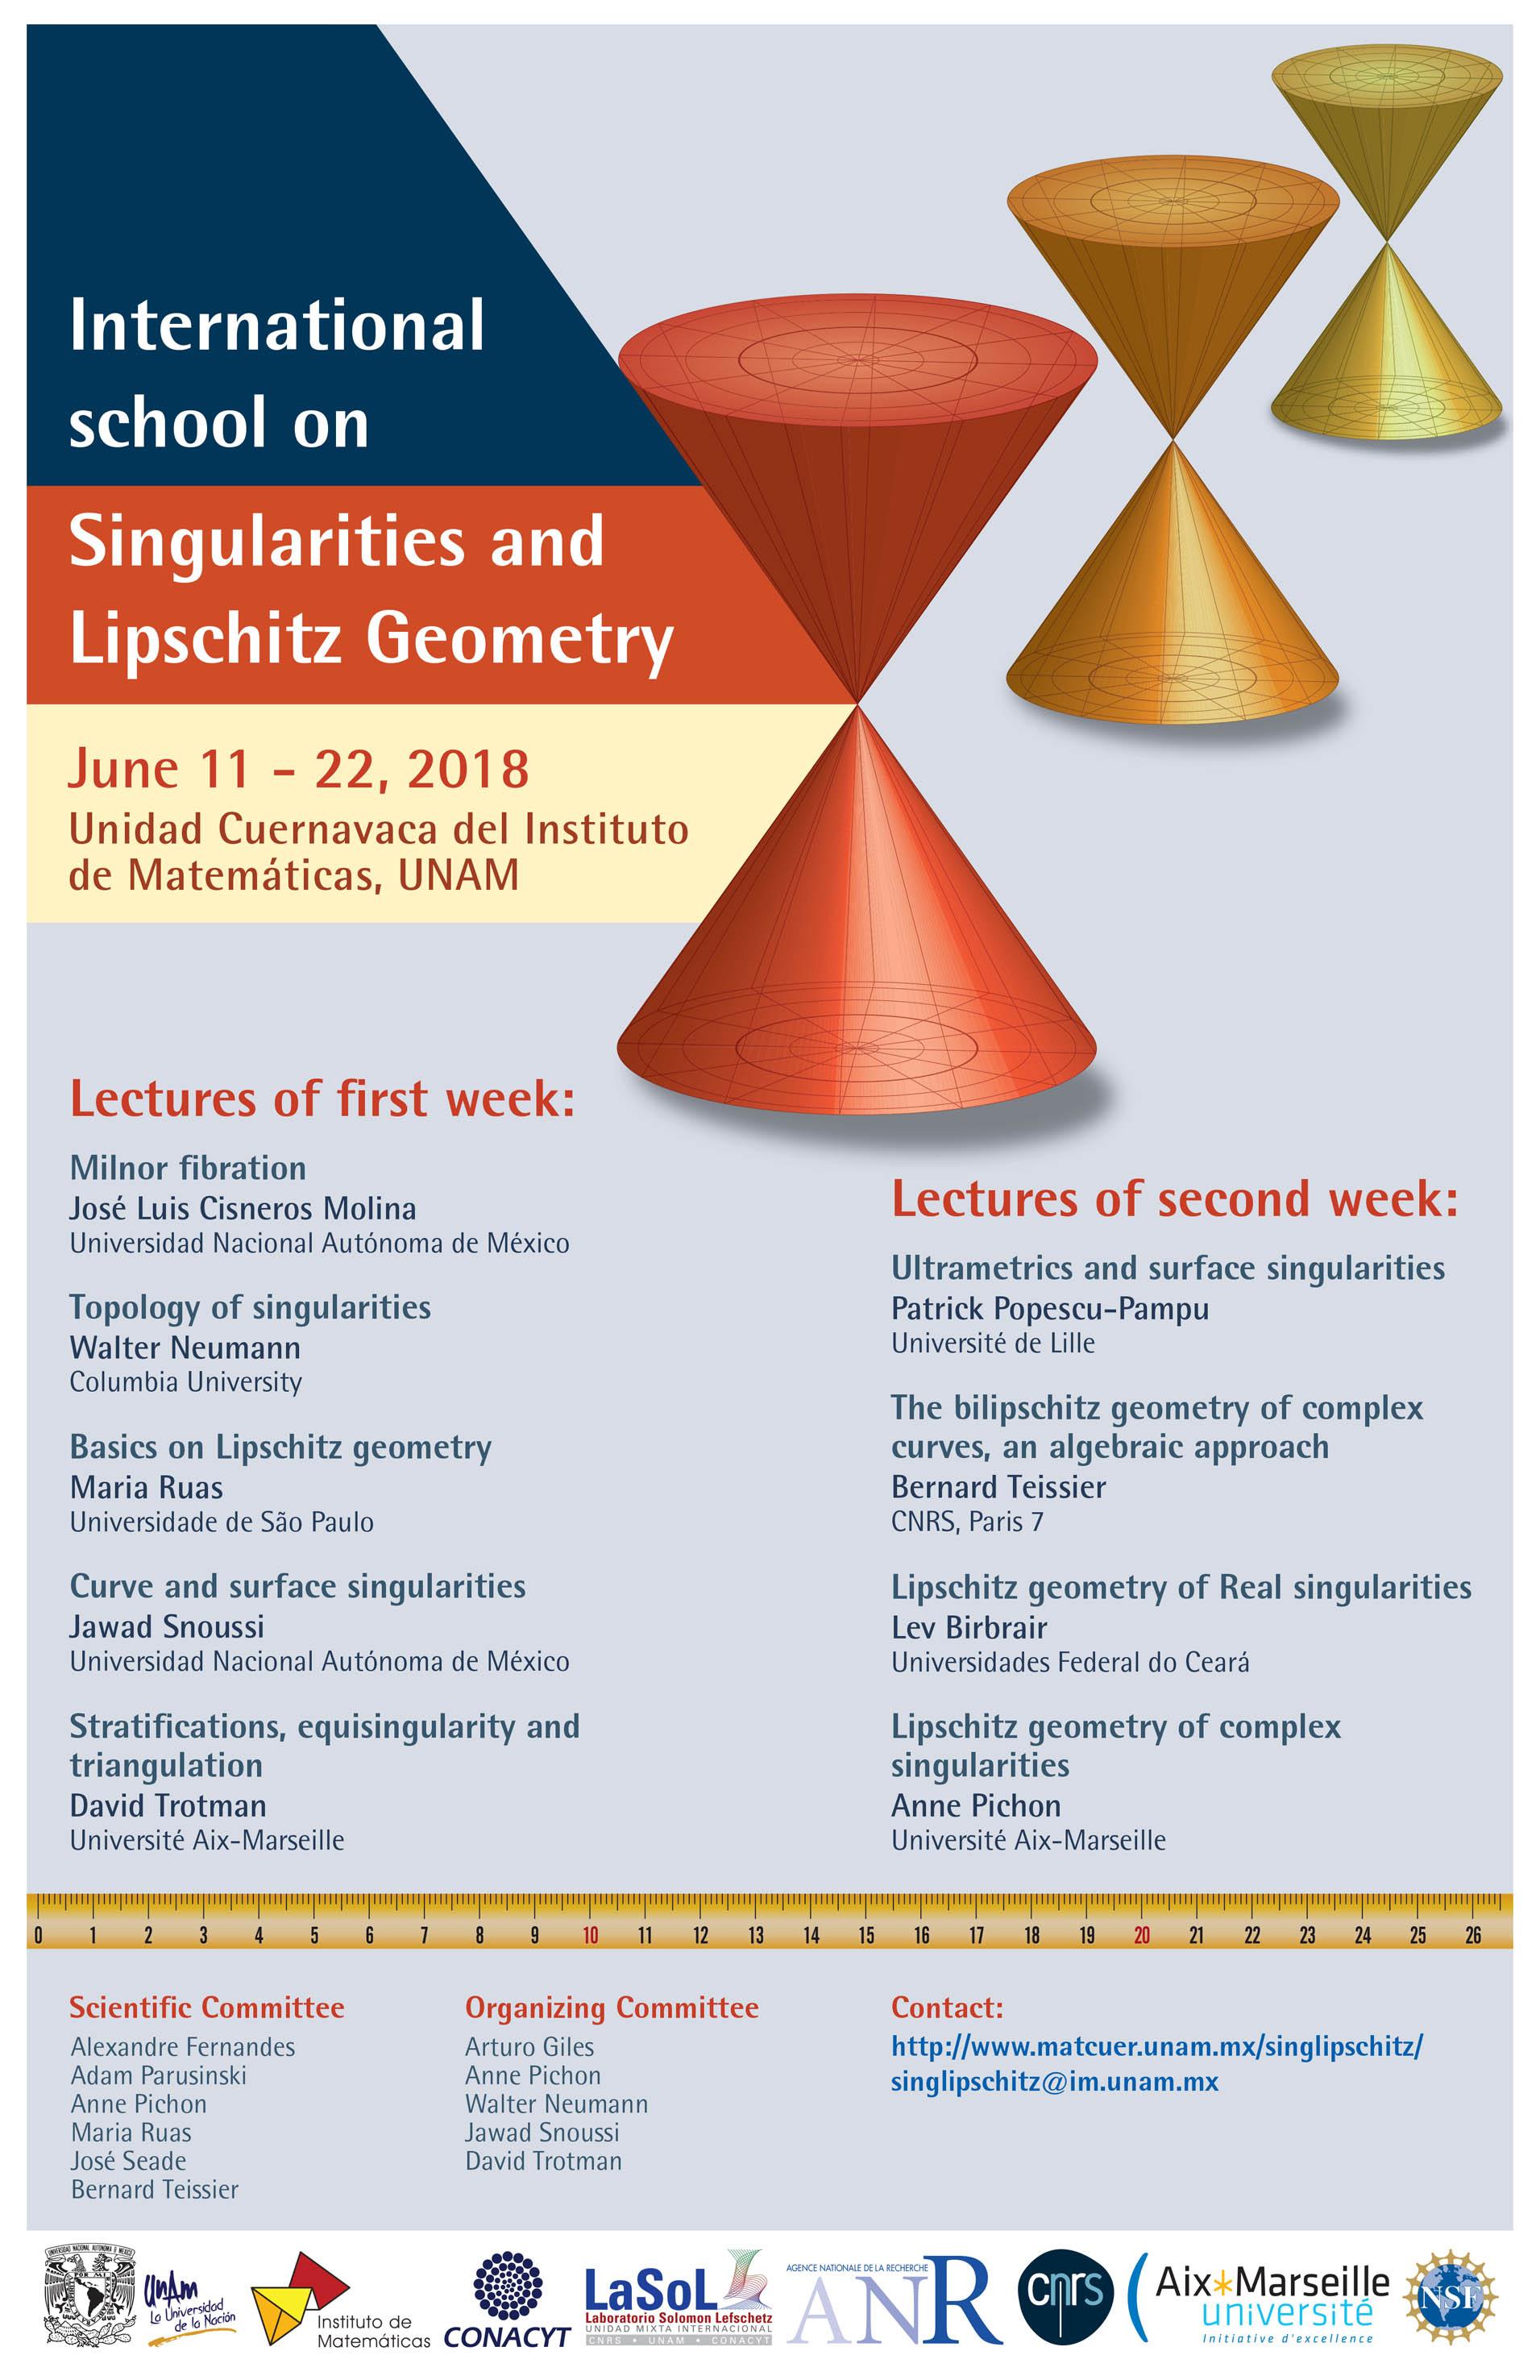 International School on Singularities and Lipschitz Geometry